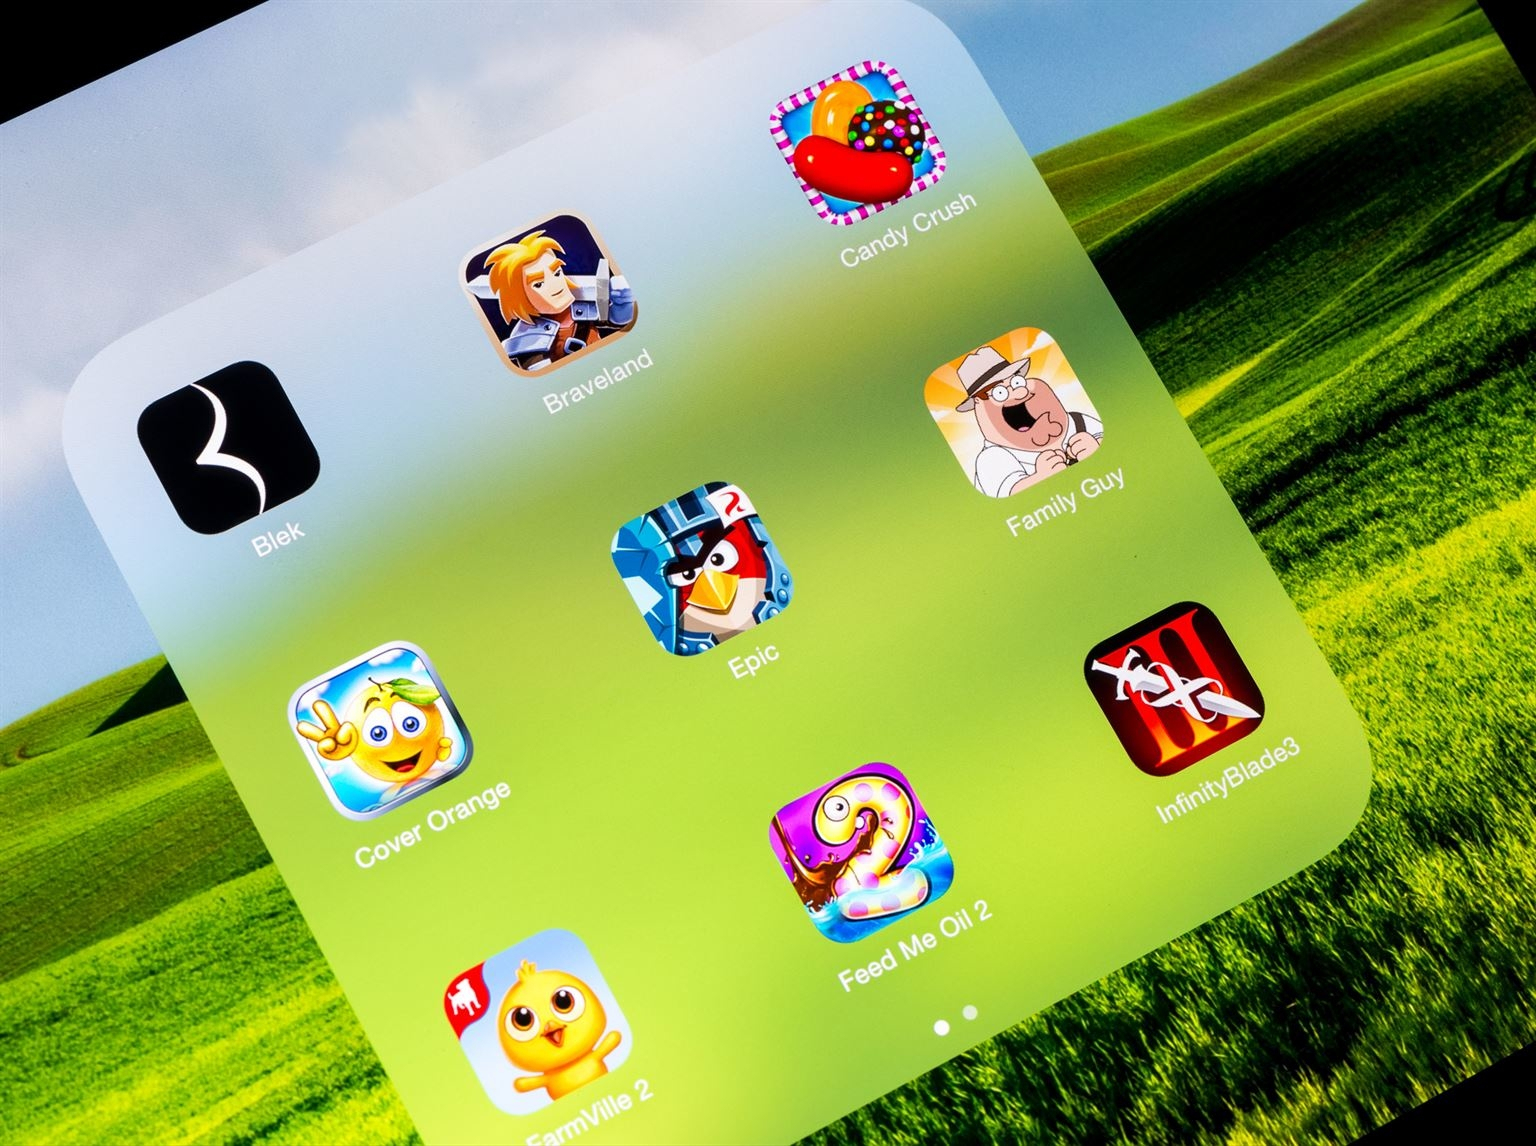 Jeux Sur Tablette: 64 Choix Pour Enfants | Protégez-Vous.ca tout Jeux Educatif 2 Ans En Ligne Gratuit